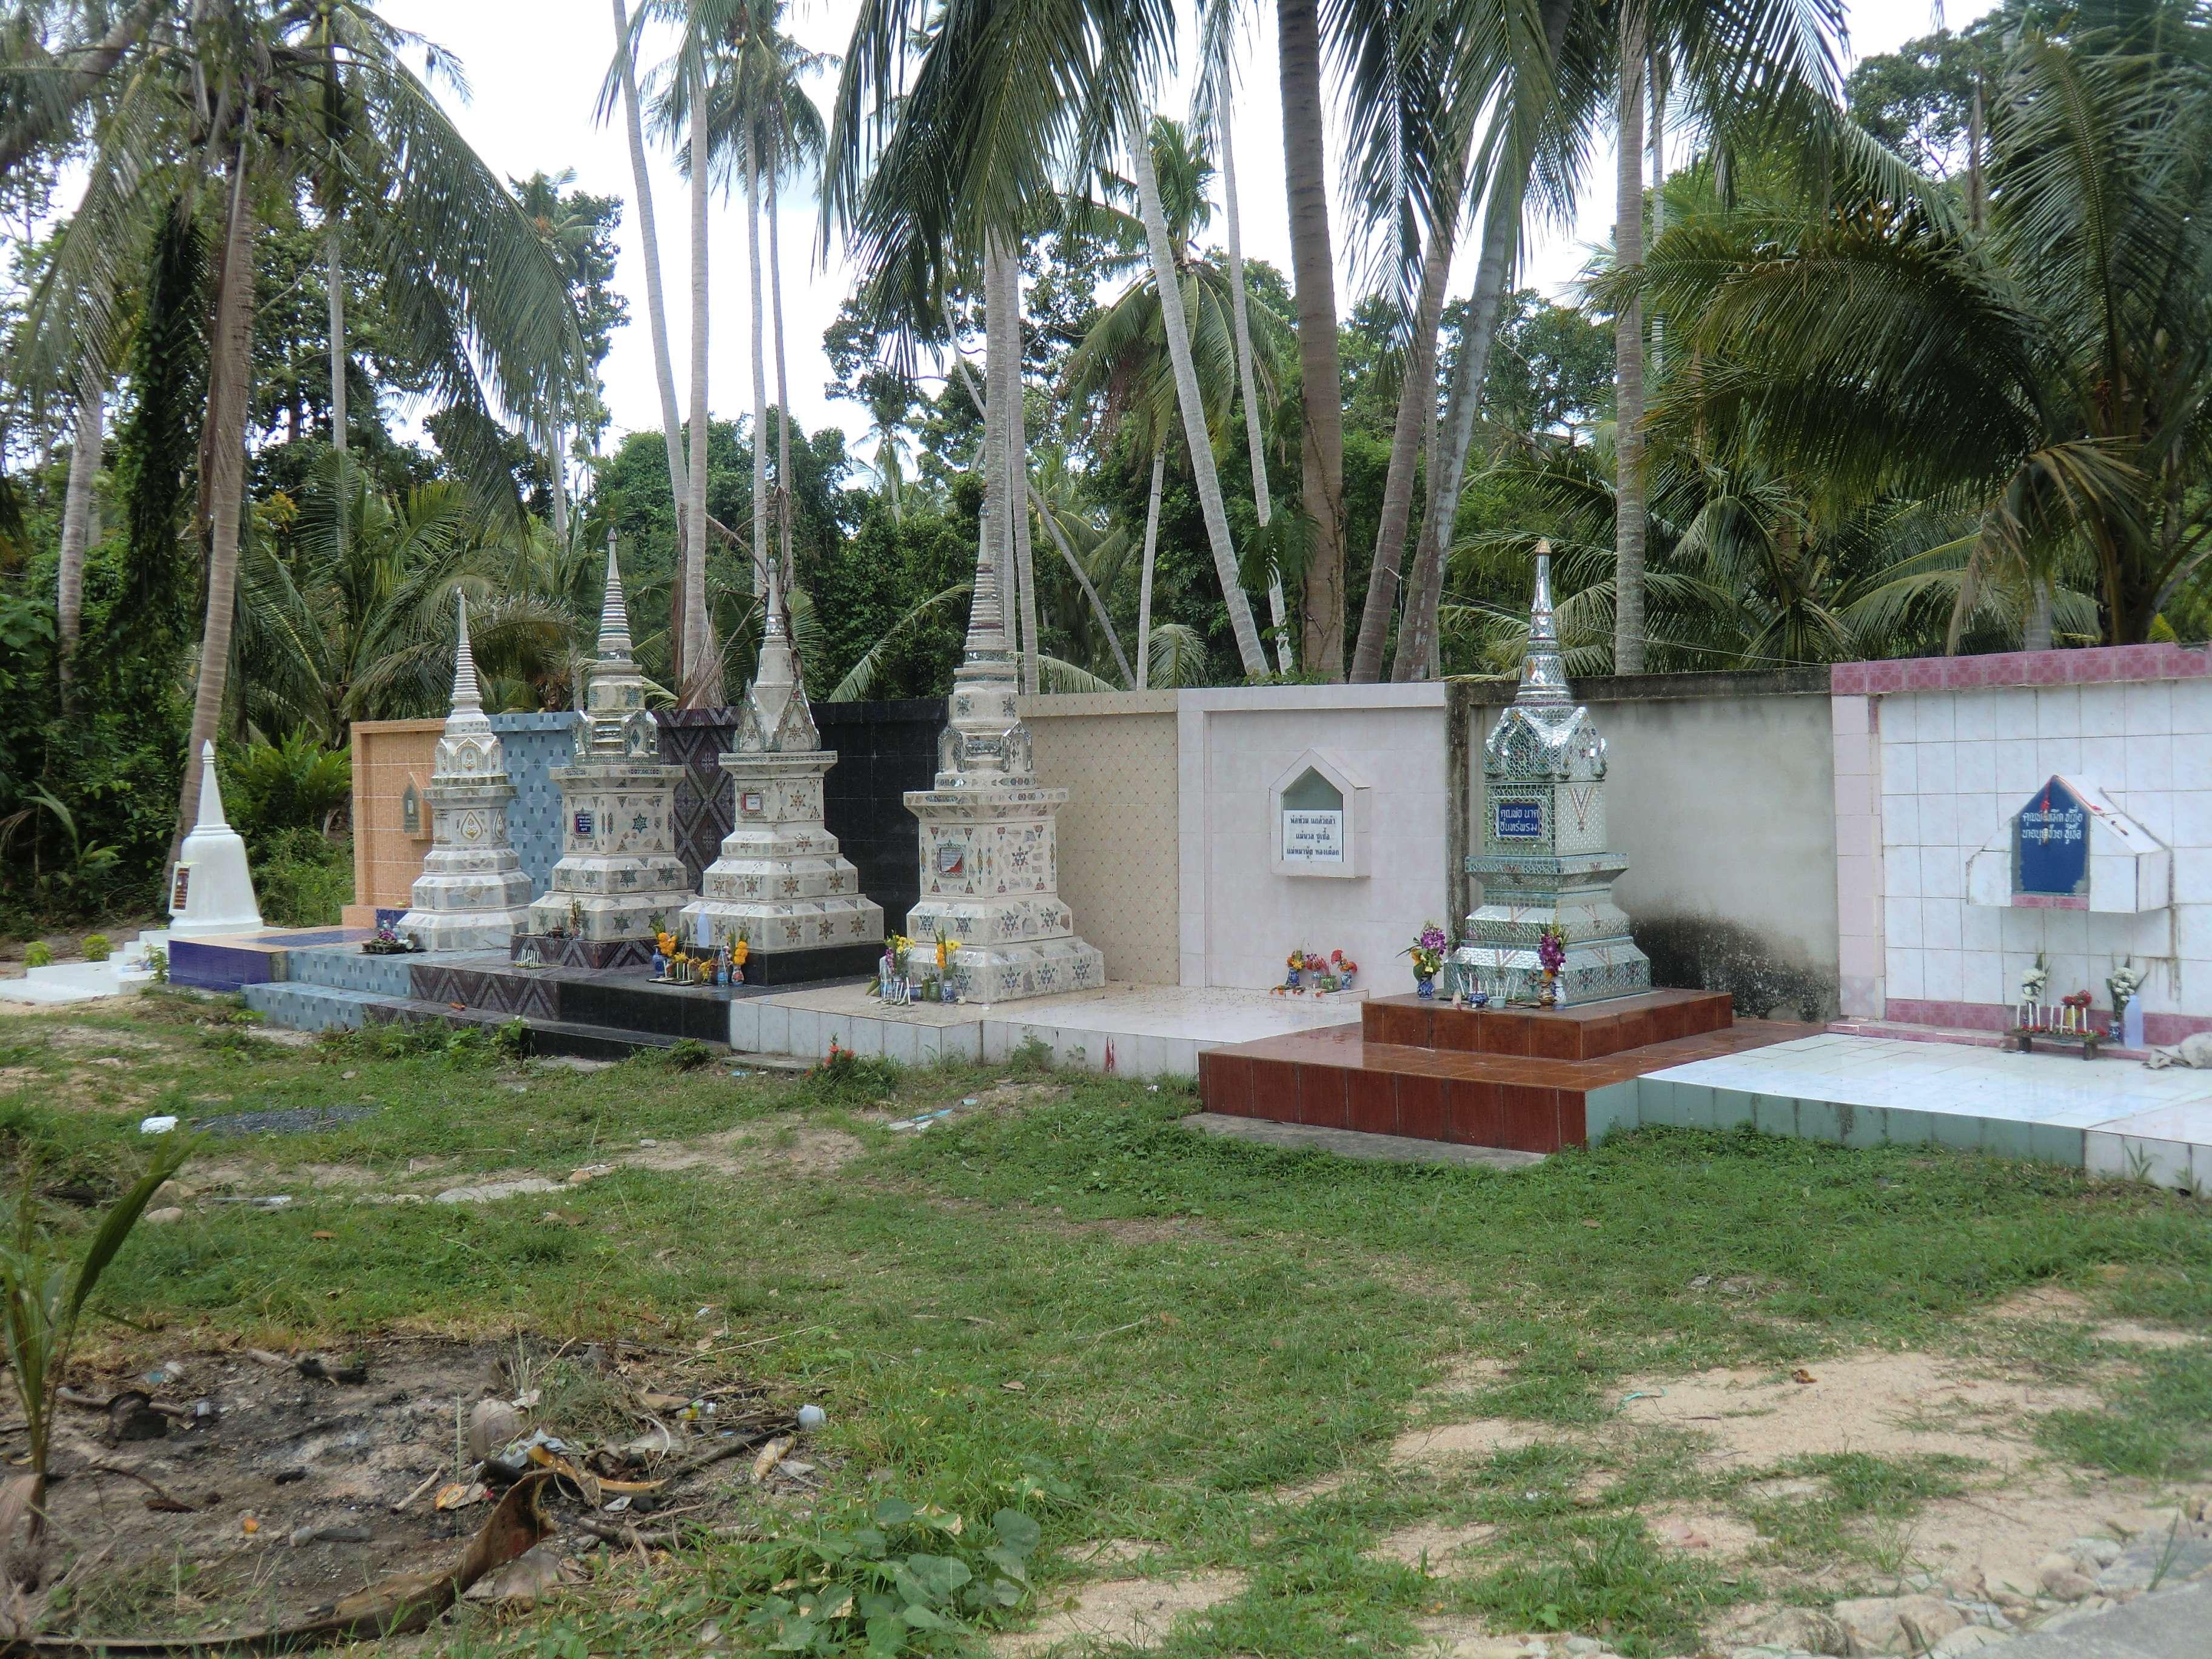 Friedhof am Wat Phu Khao Thong